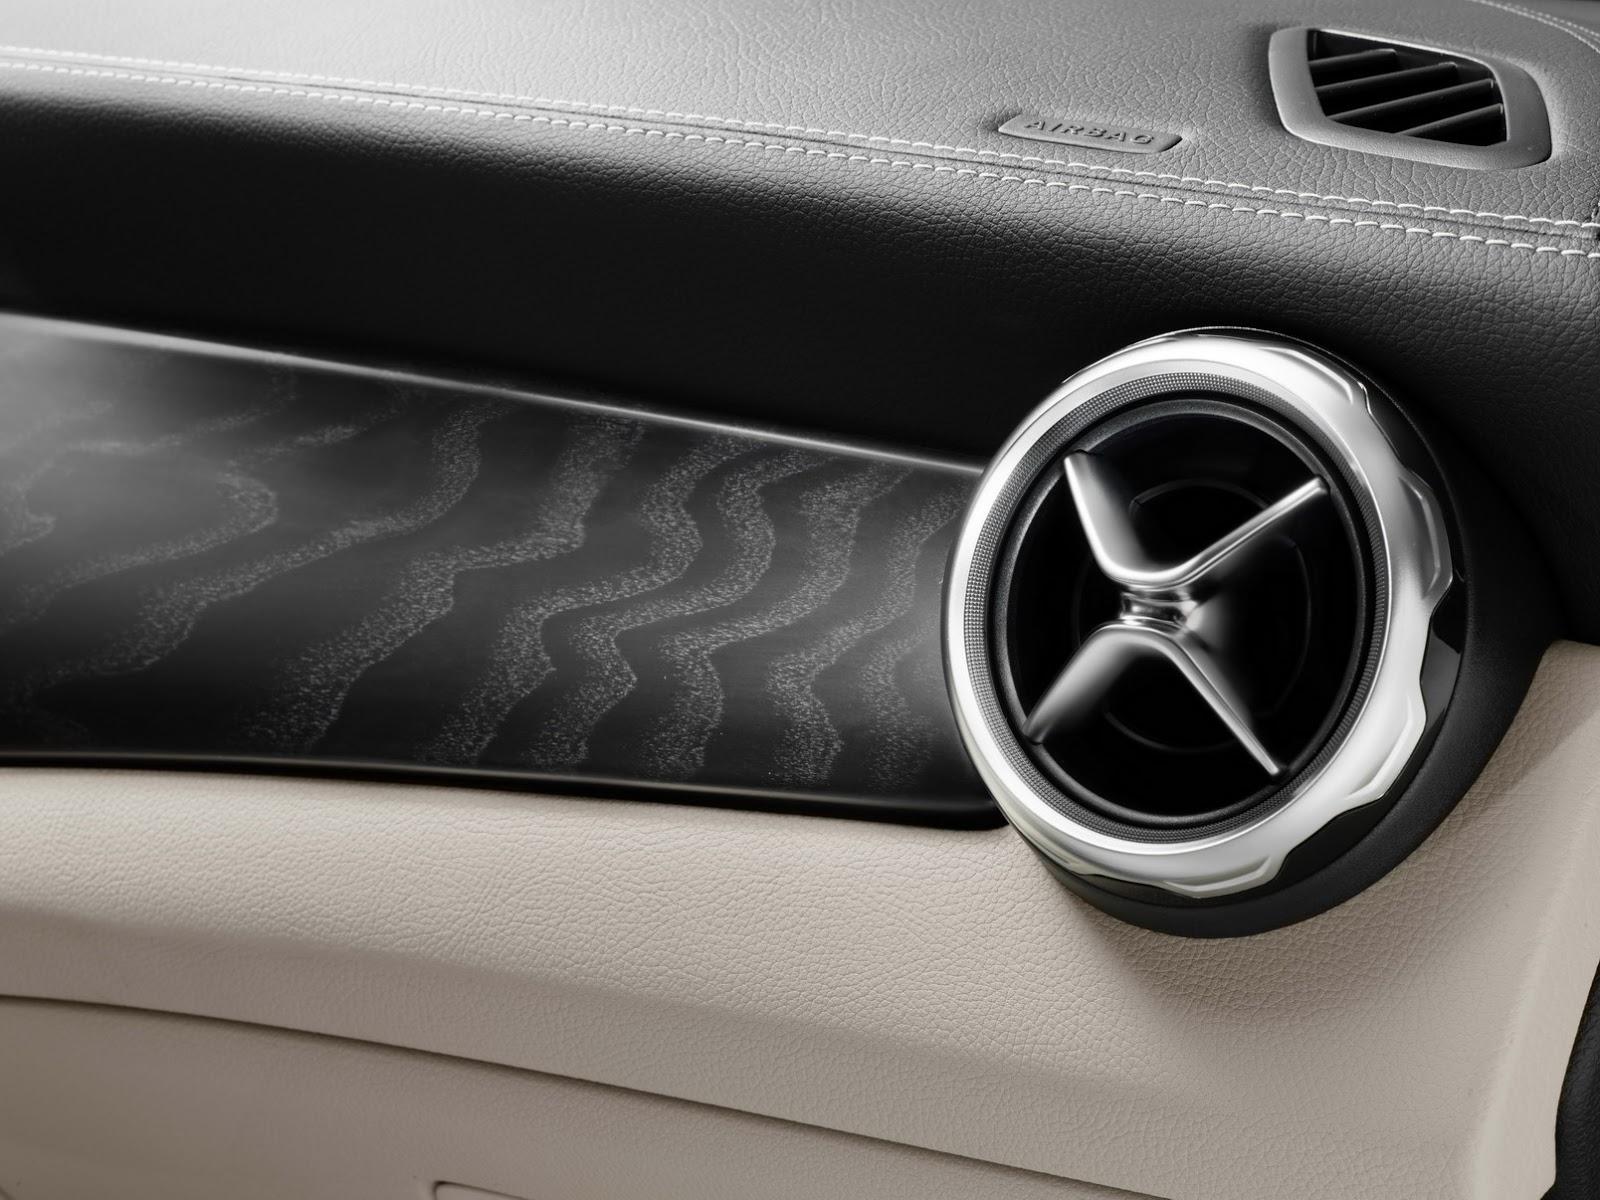 Mercedes GLA facelift and GLA 45 AMG facelift 2017 (61)